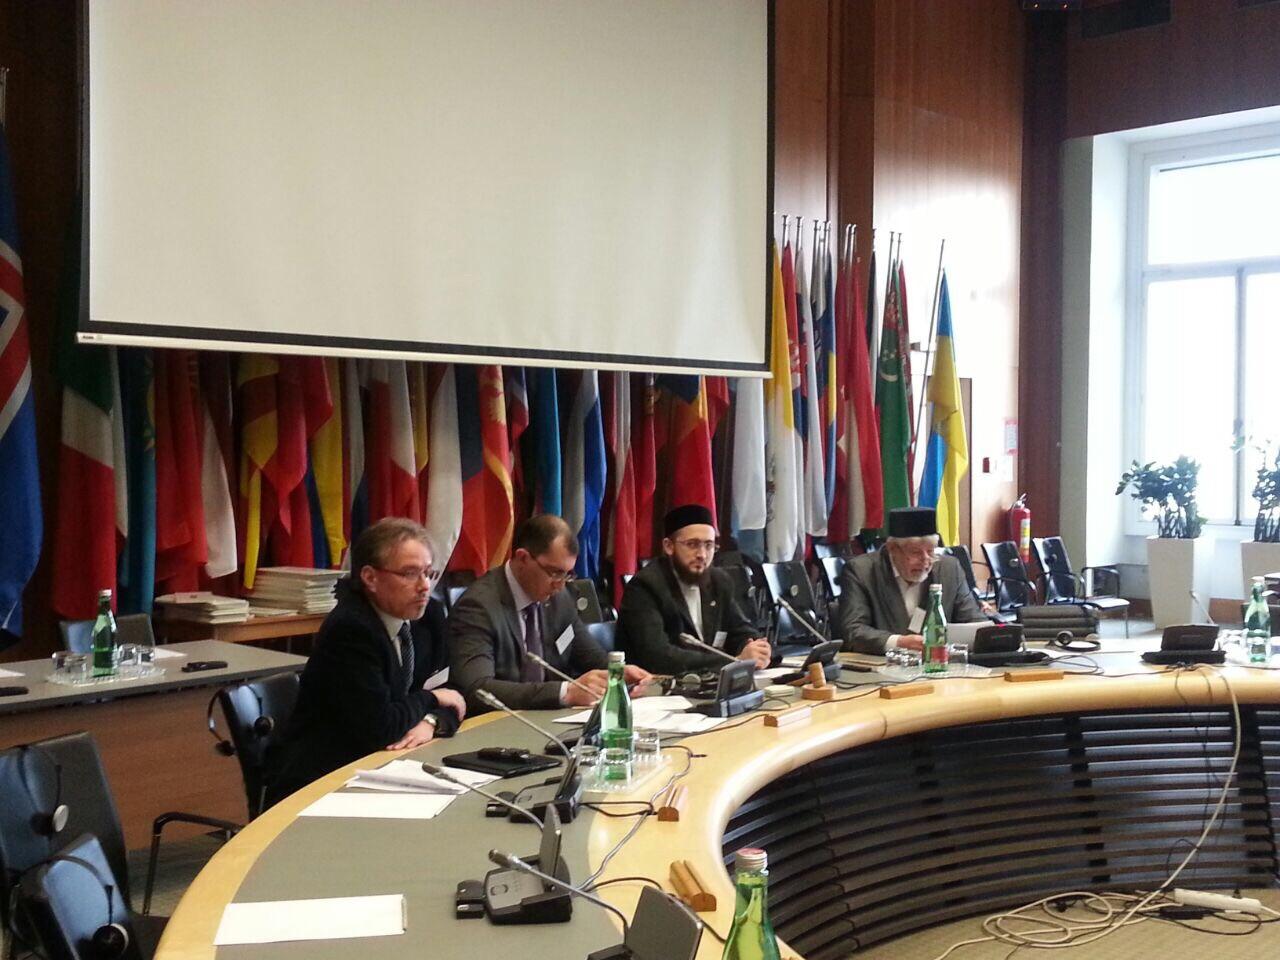 Муфтий Татарстана выступил модератором на заседании в ОБСЕ в Вене